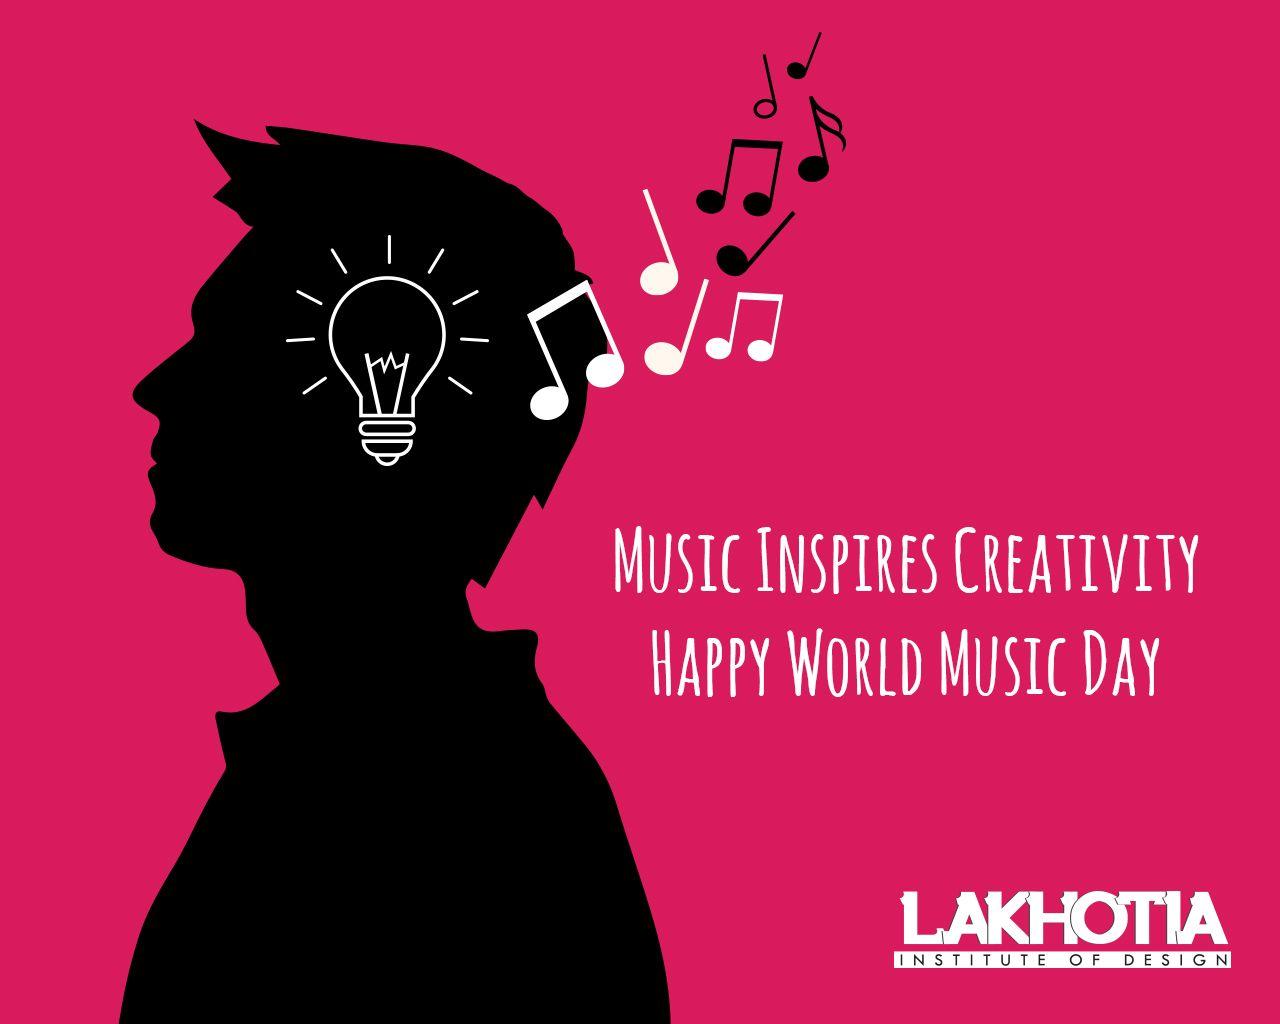 Music Inspires Creativity Happy World Music Day